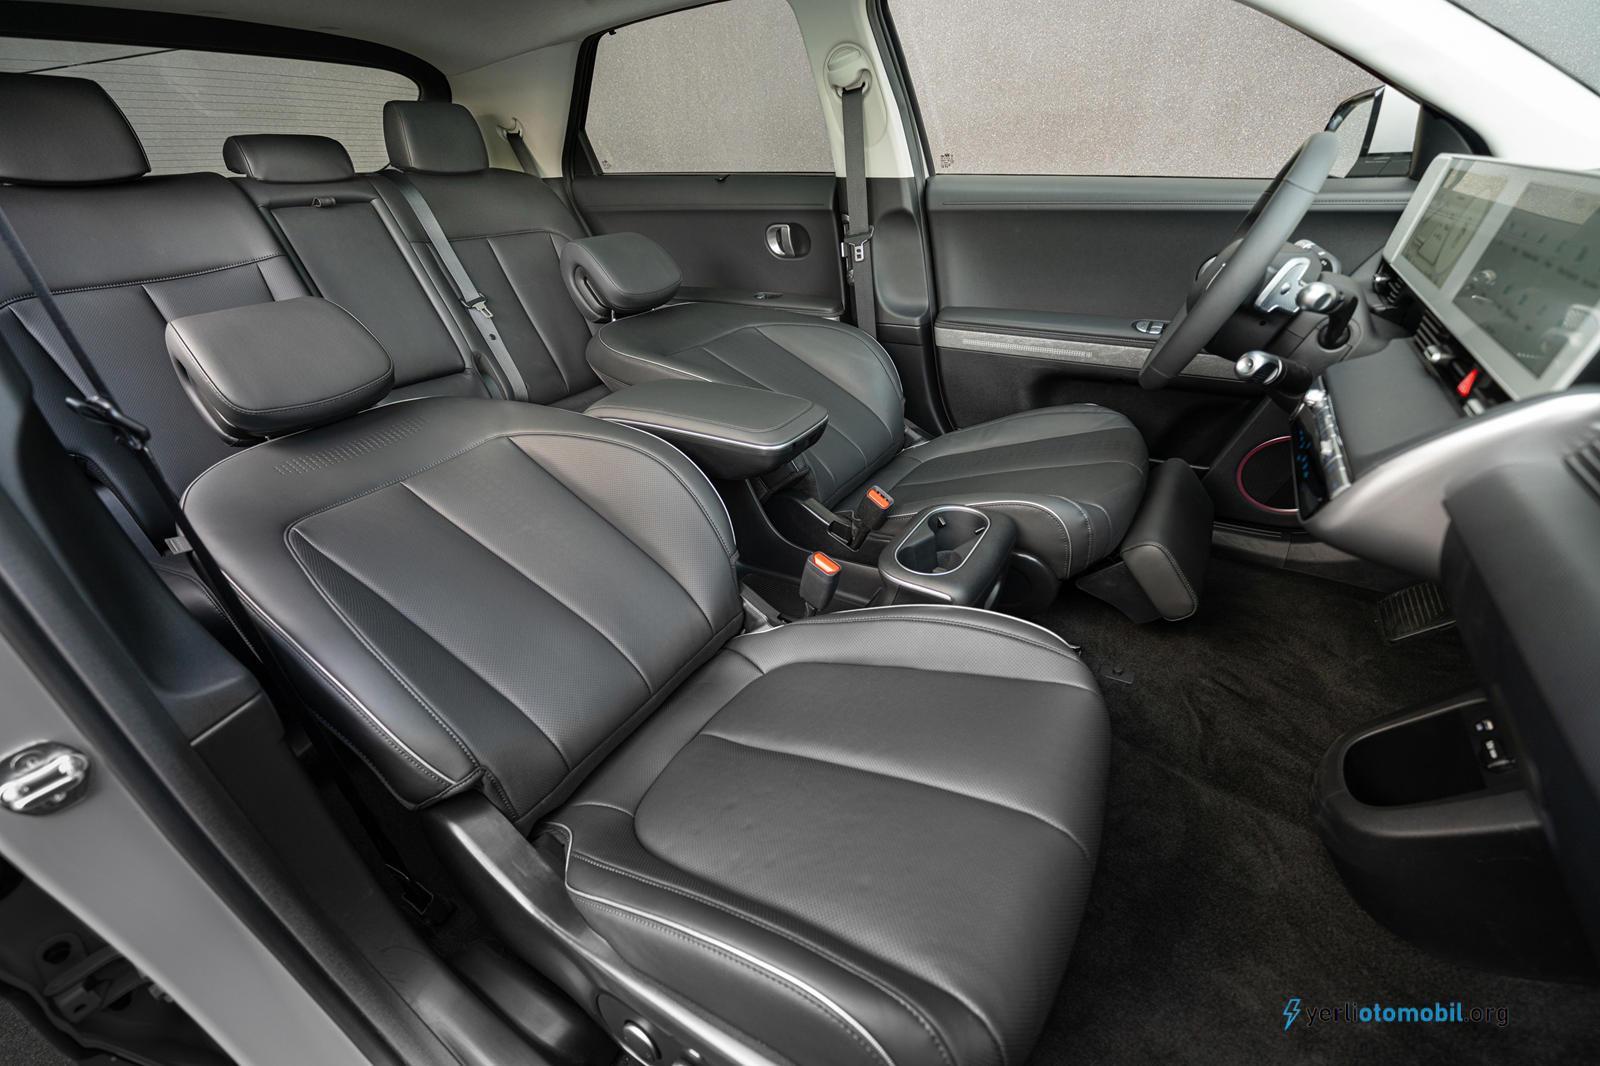 Hyundai Geleceğin Klima Sistemini Geliştiriyor!